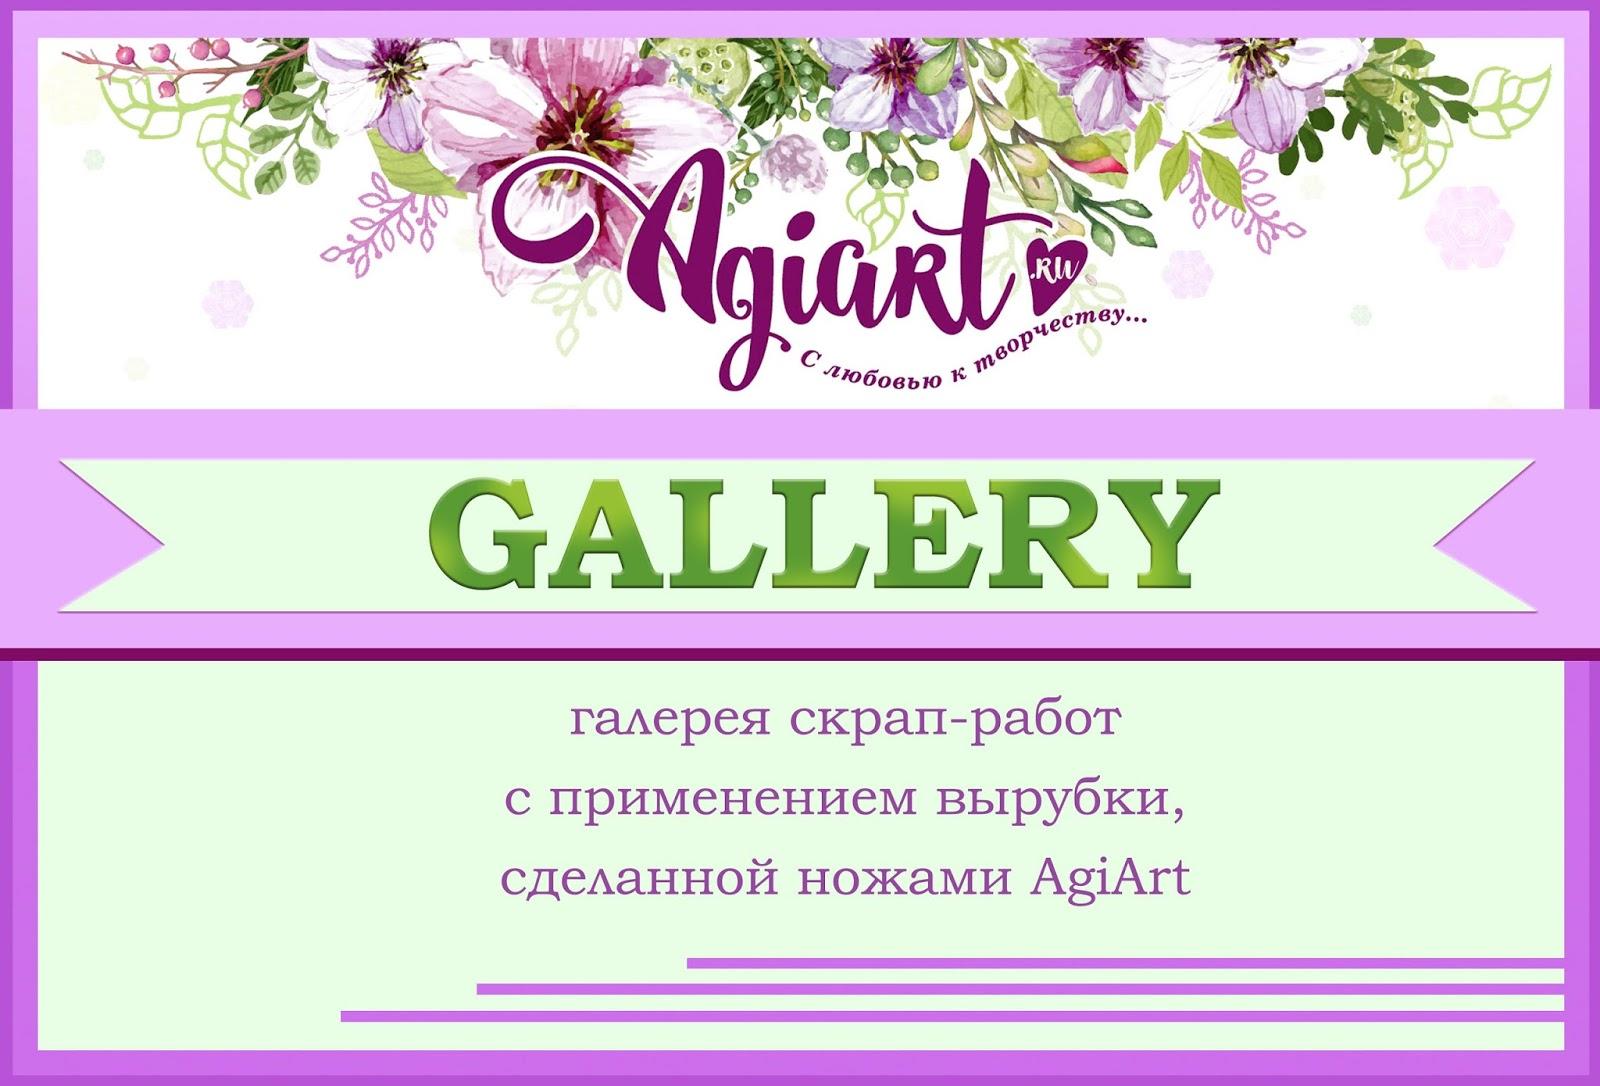 Галерея марта AgiArt, 31/03